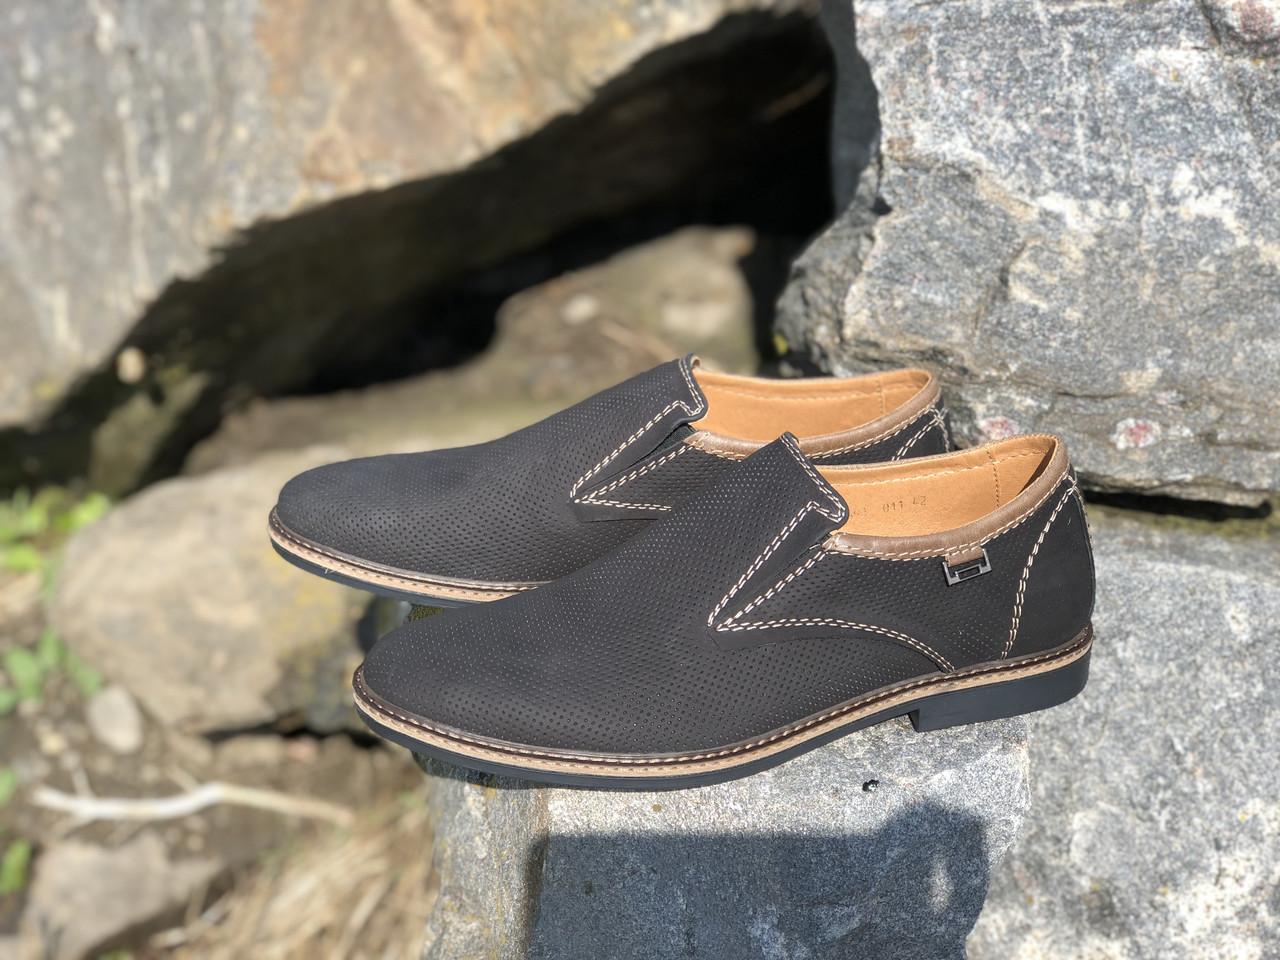 Кожаные мужские туфли 7691 чер размеры 41,42,43